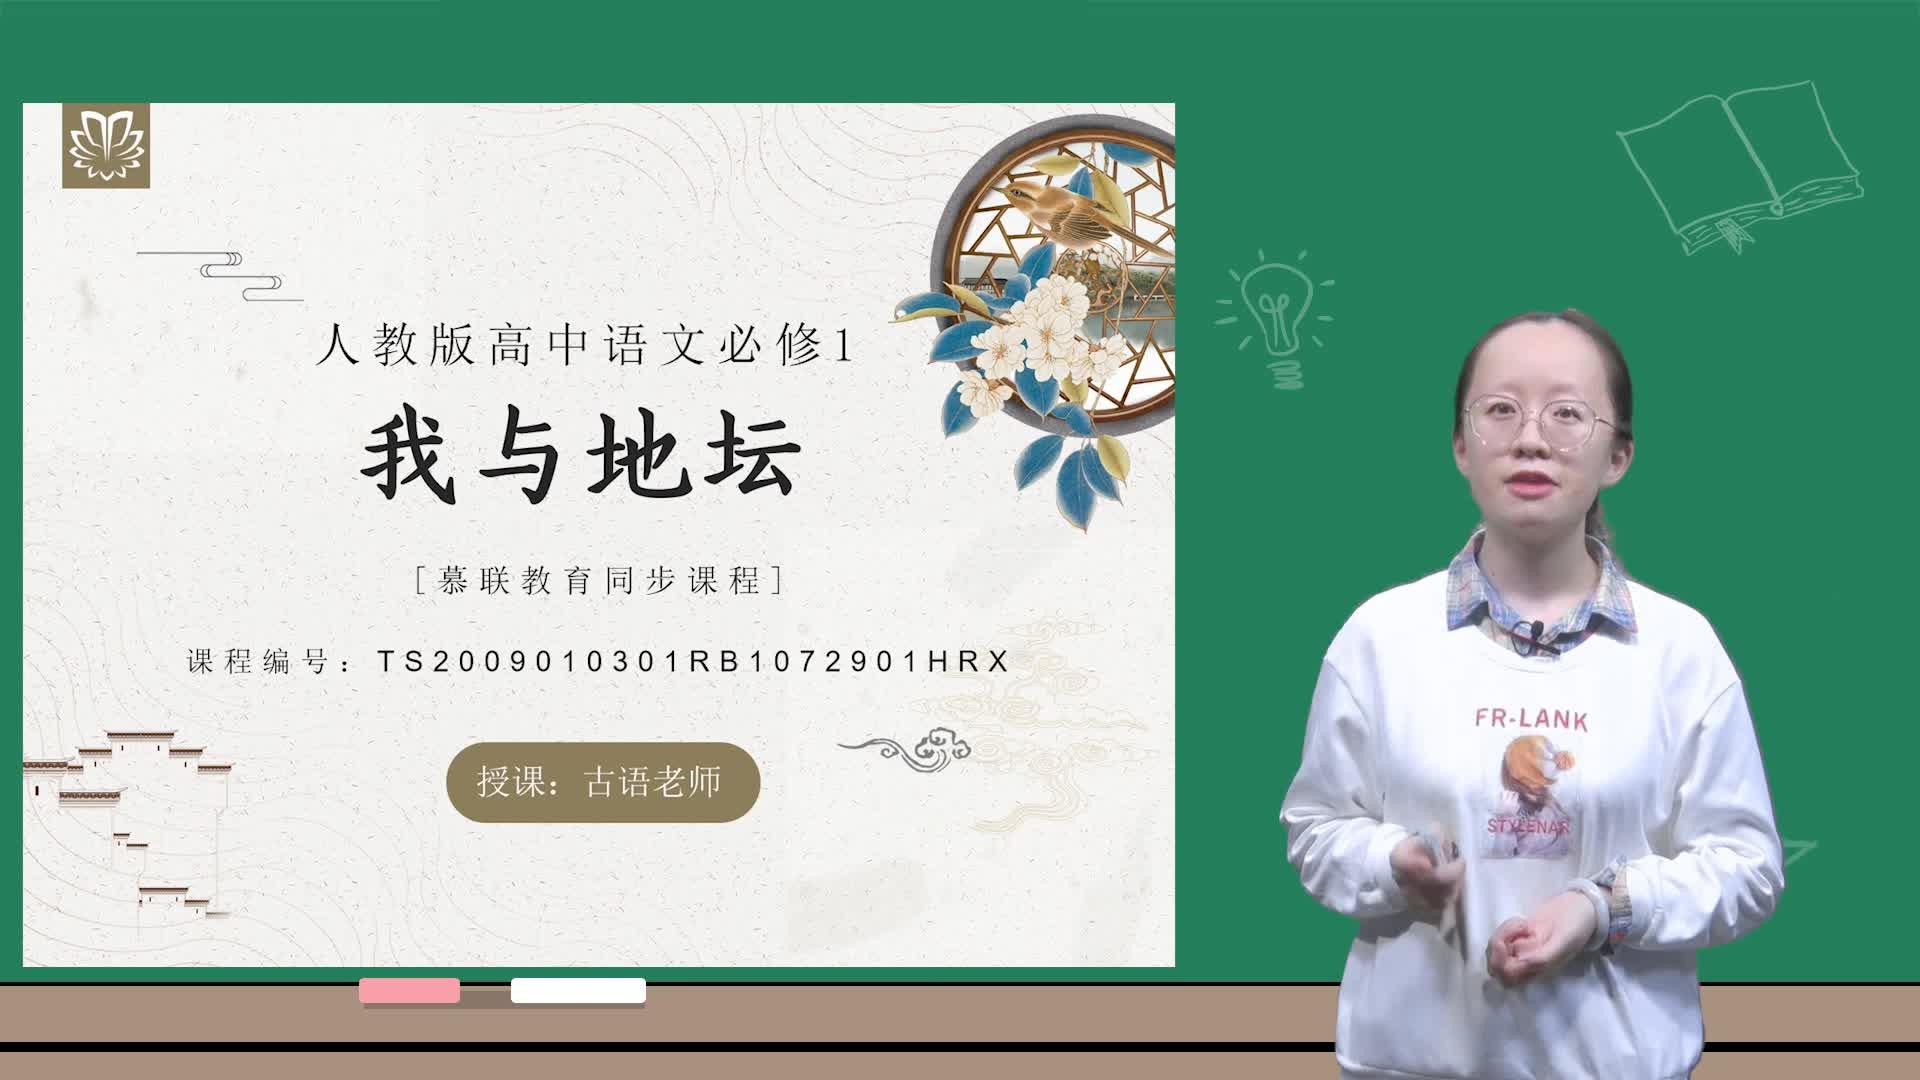 视频7.29.1我与地坛-【慕联】高中新教材完全同步统编版语文必修上册